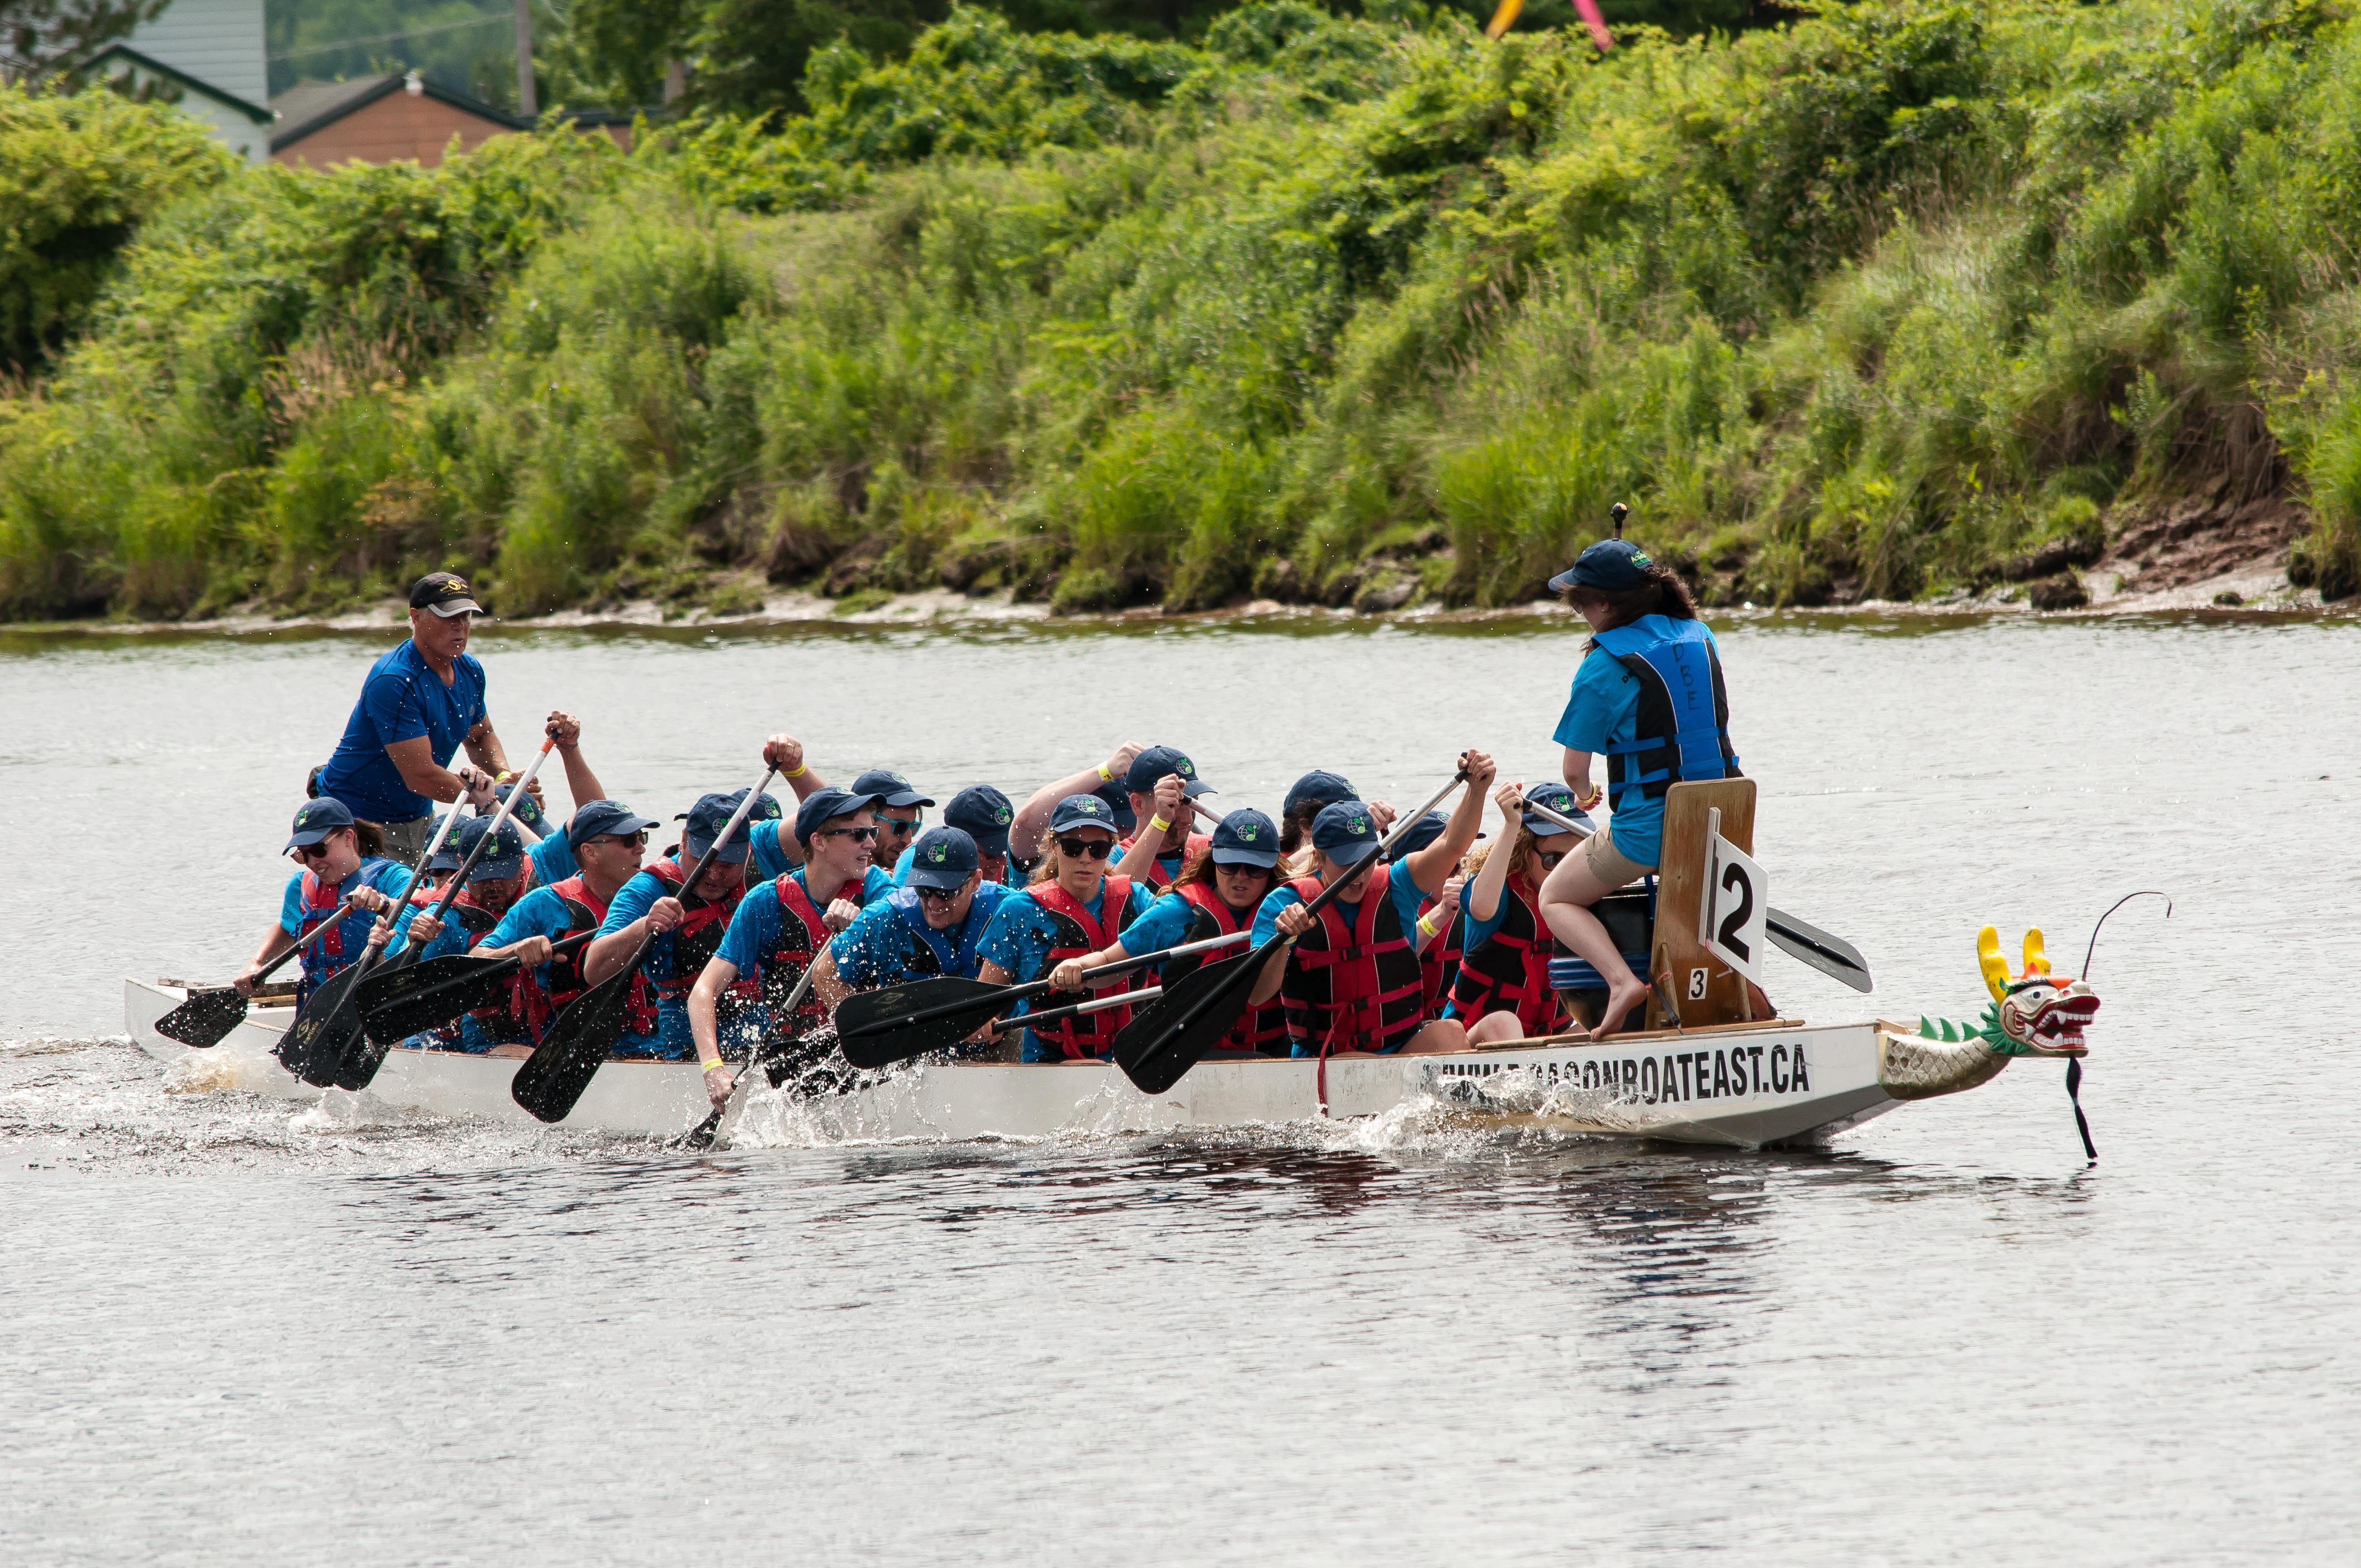 Riverfest107